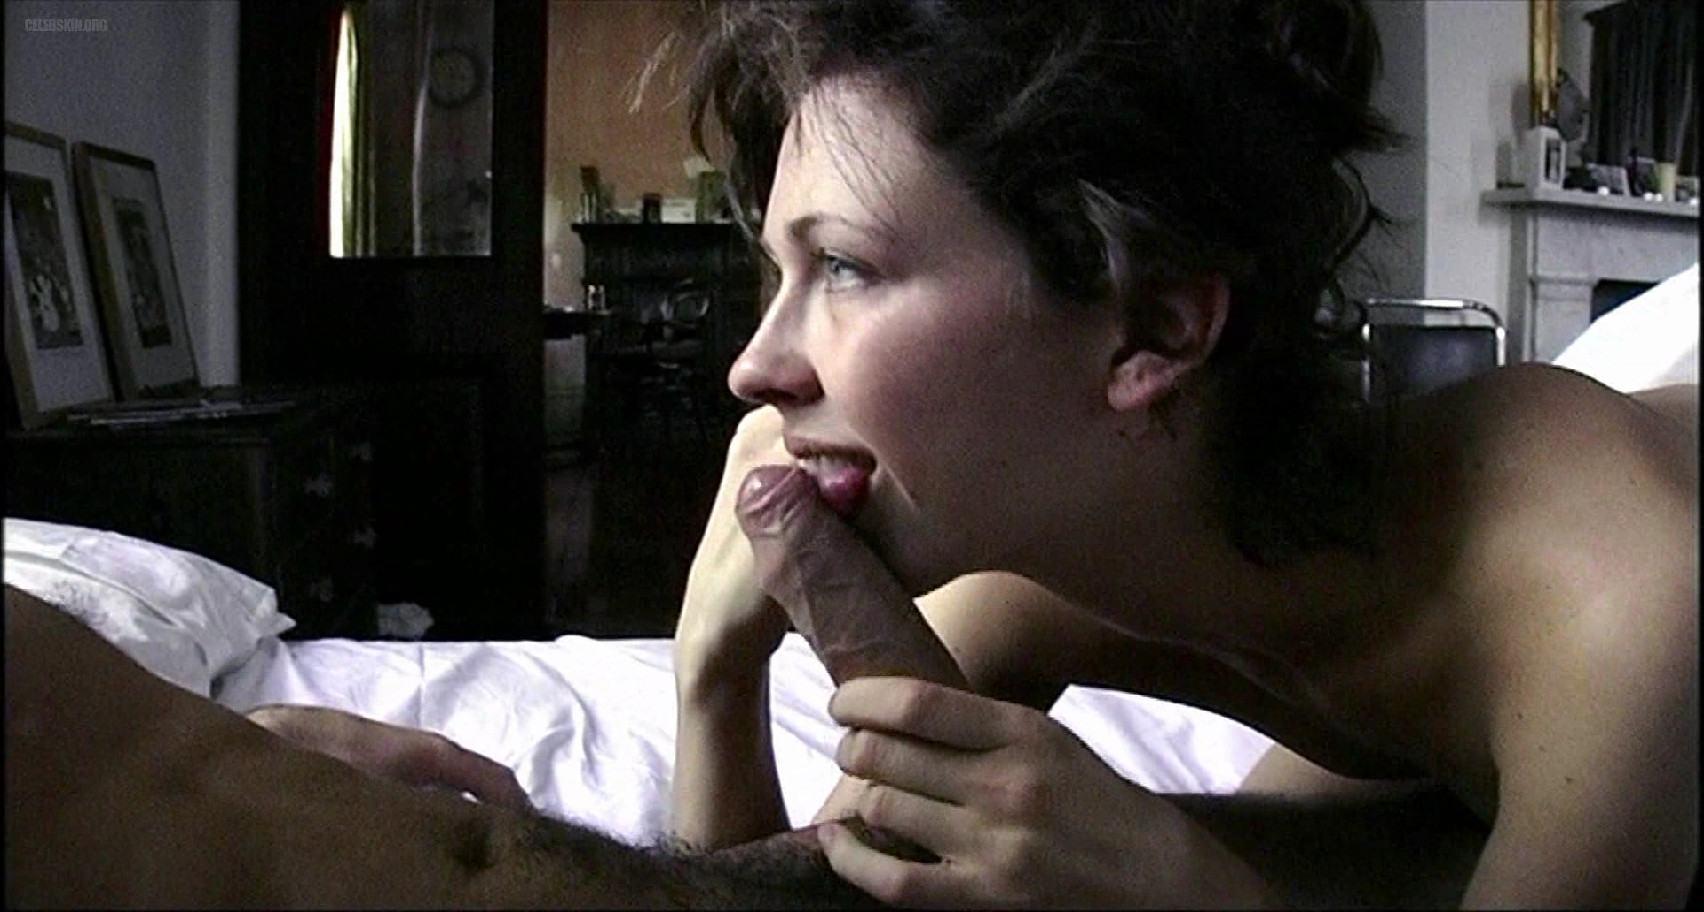 Margo stilley fucking scene